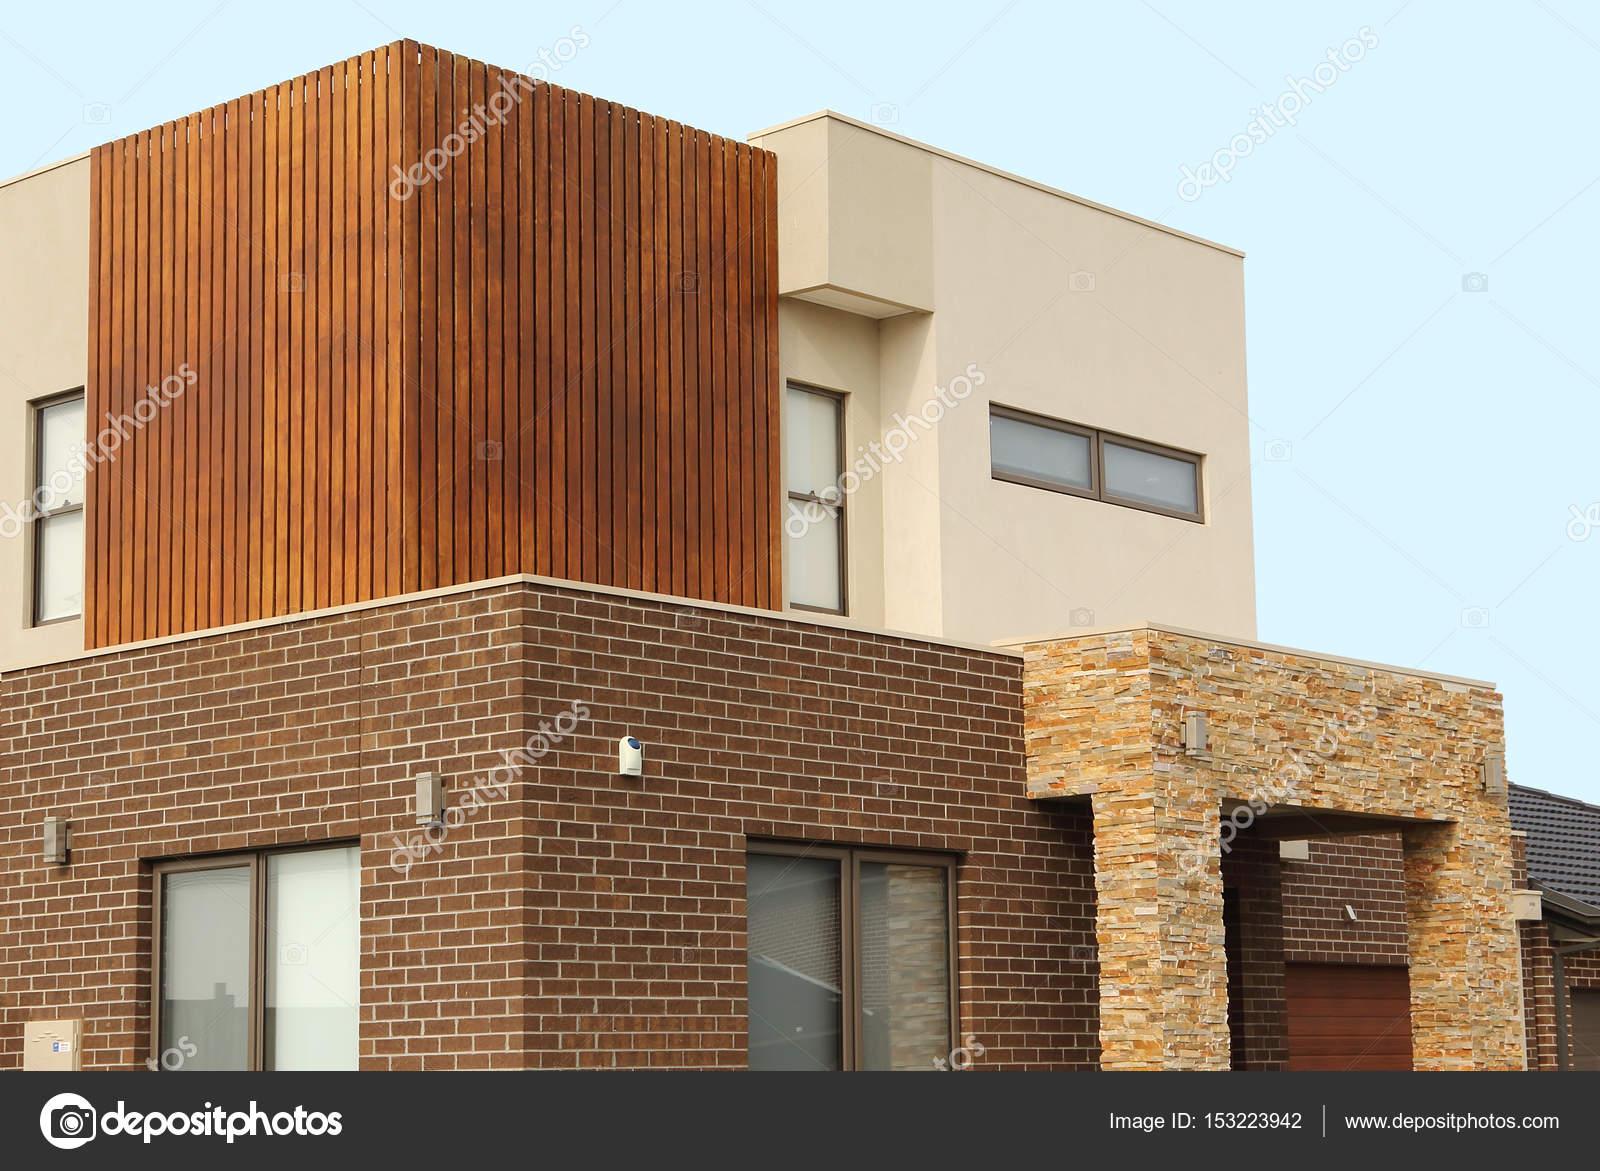 Moderne Architektur äußere Details Doppel-Geschichte Häuser ...